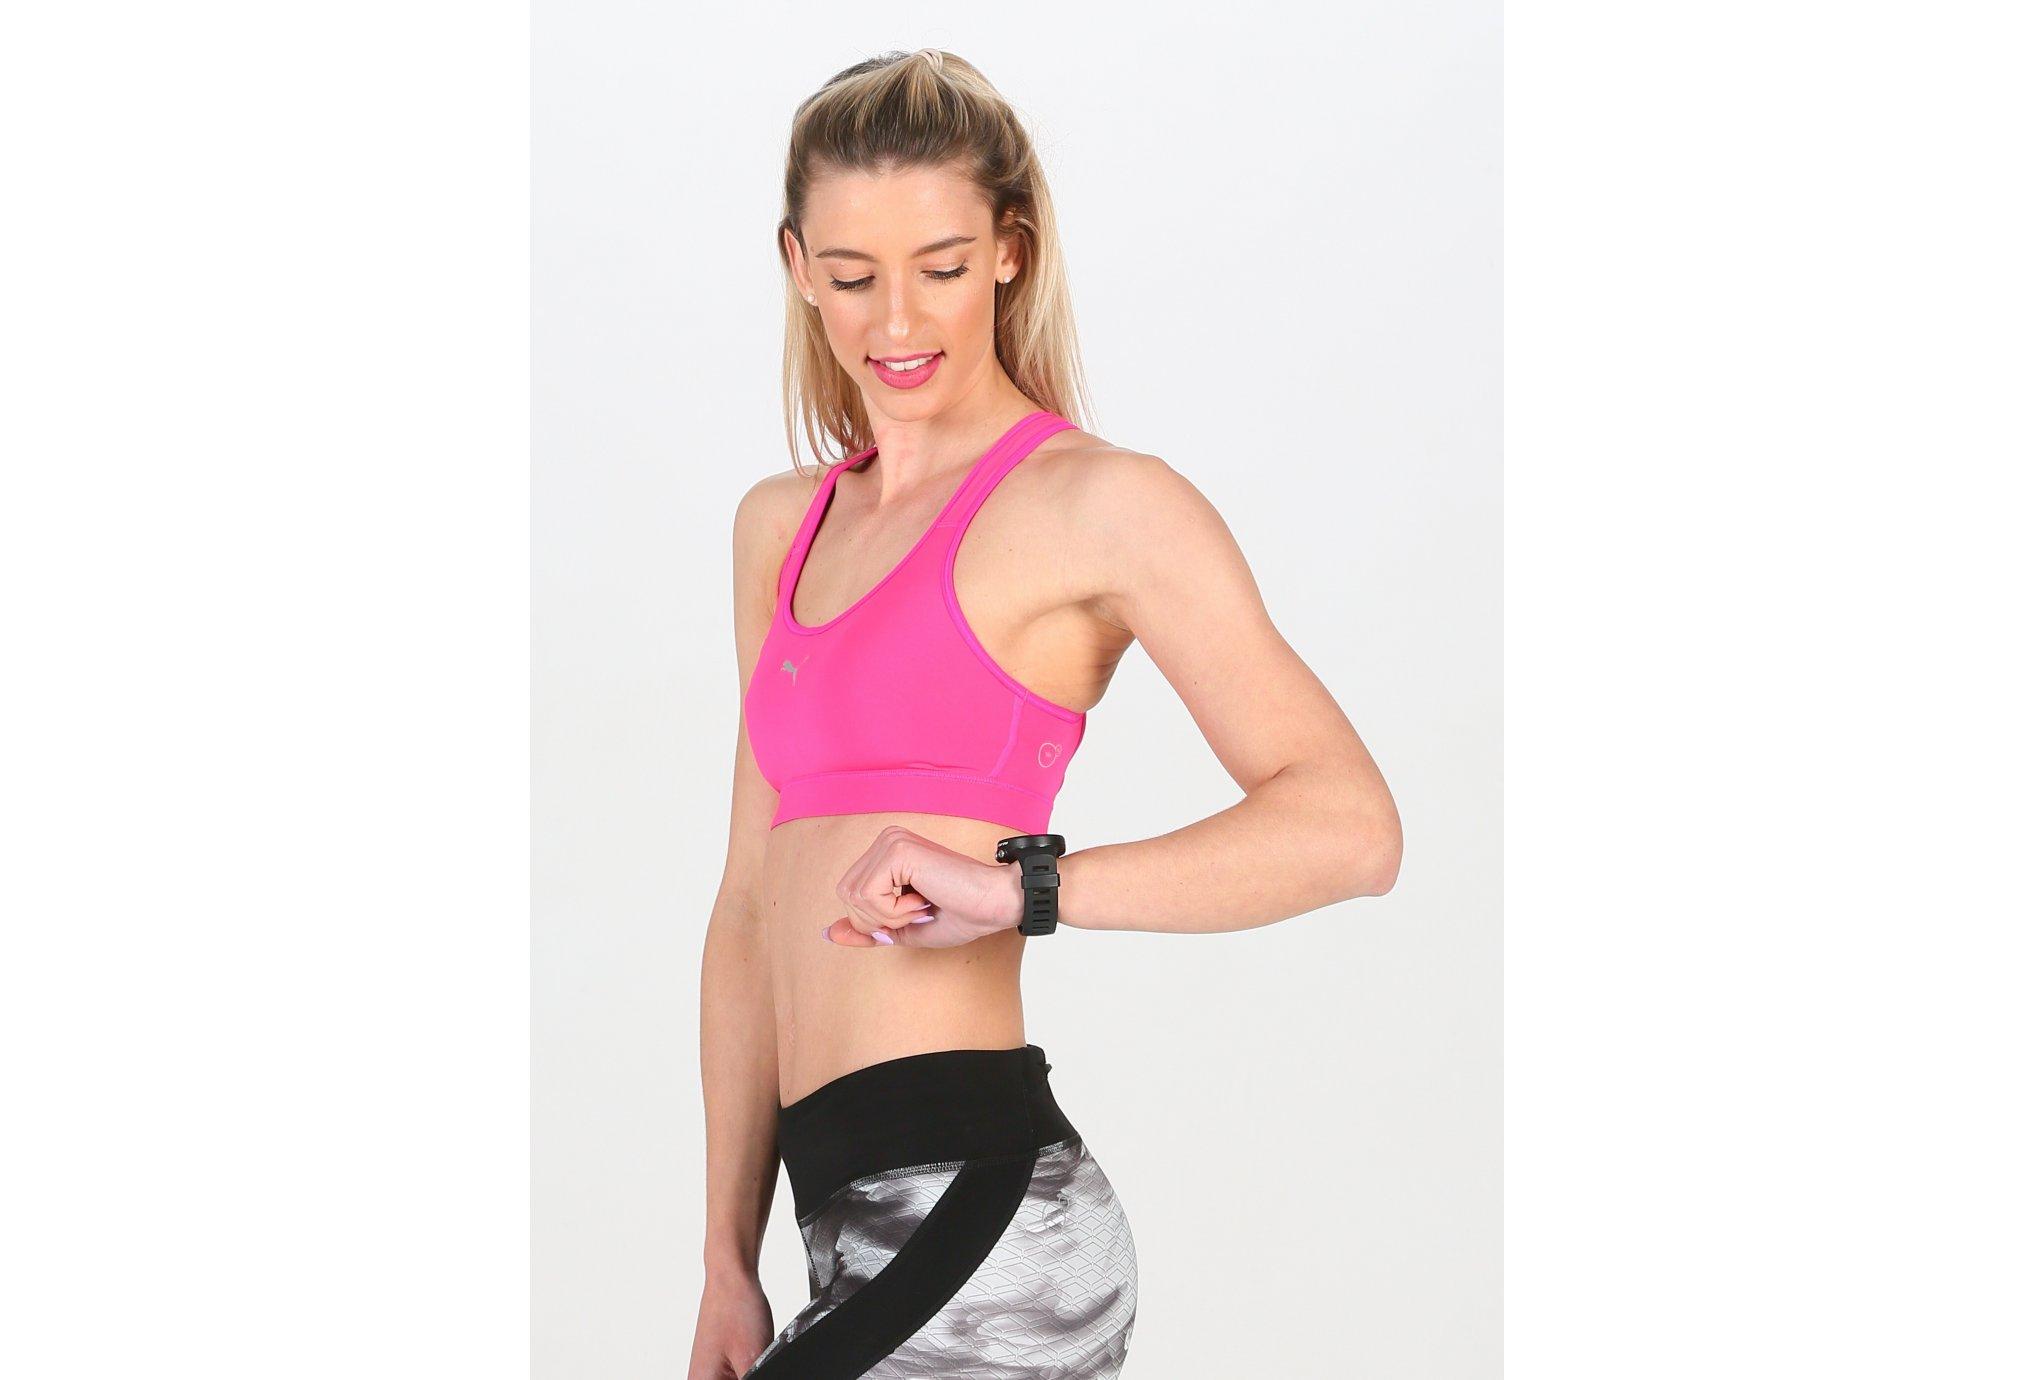 Puma Brassière Power Shape Cardio Diététique Vêtements femme